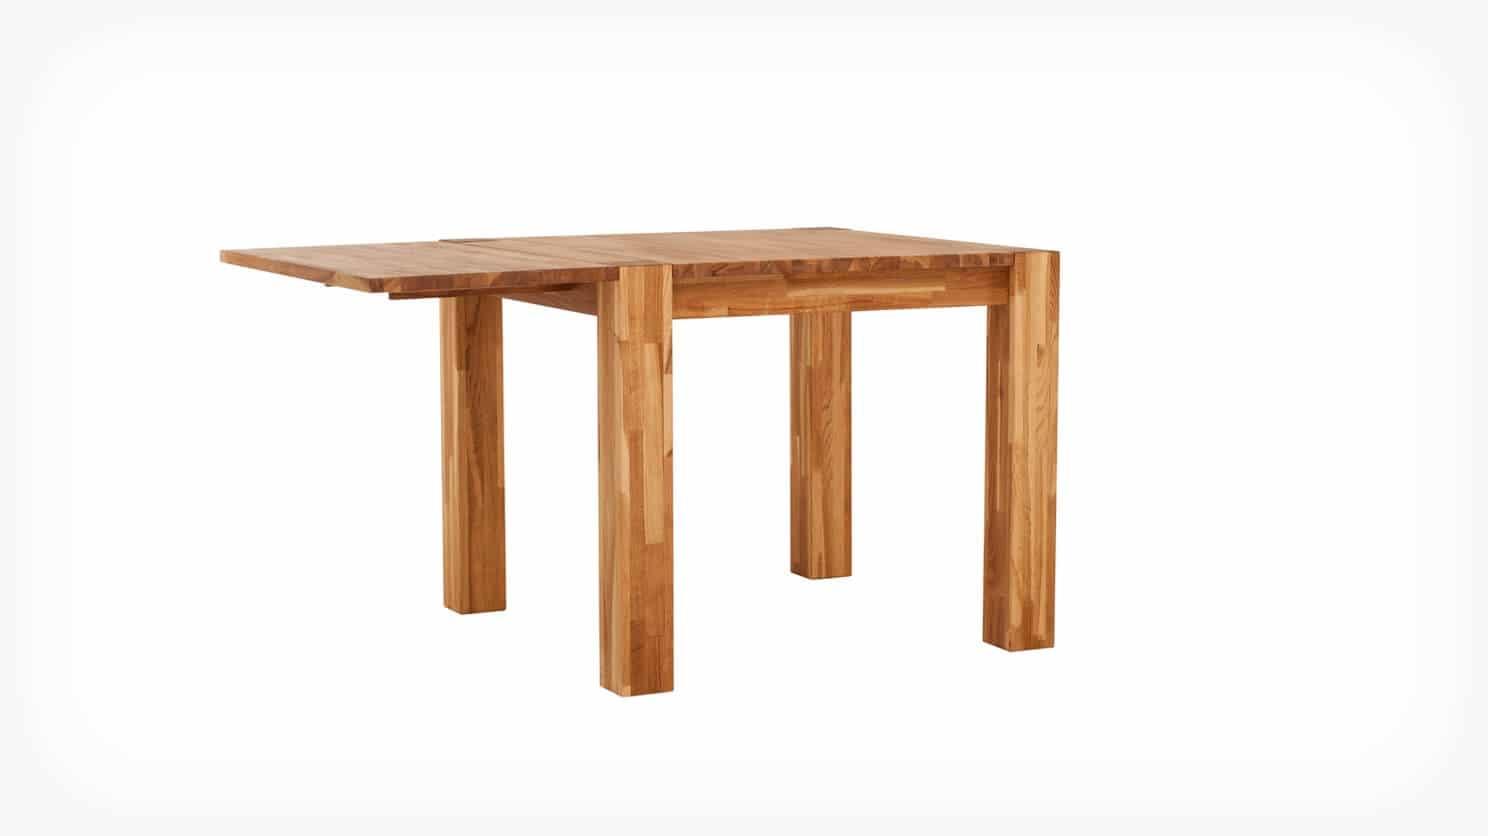 7050 375 16 5 dinette tables harvest dinette corner w one leaf